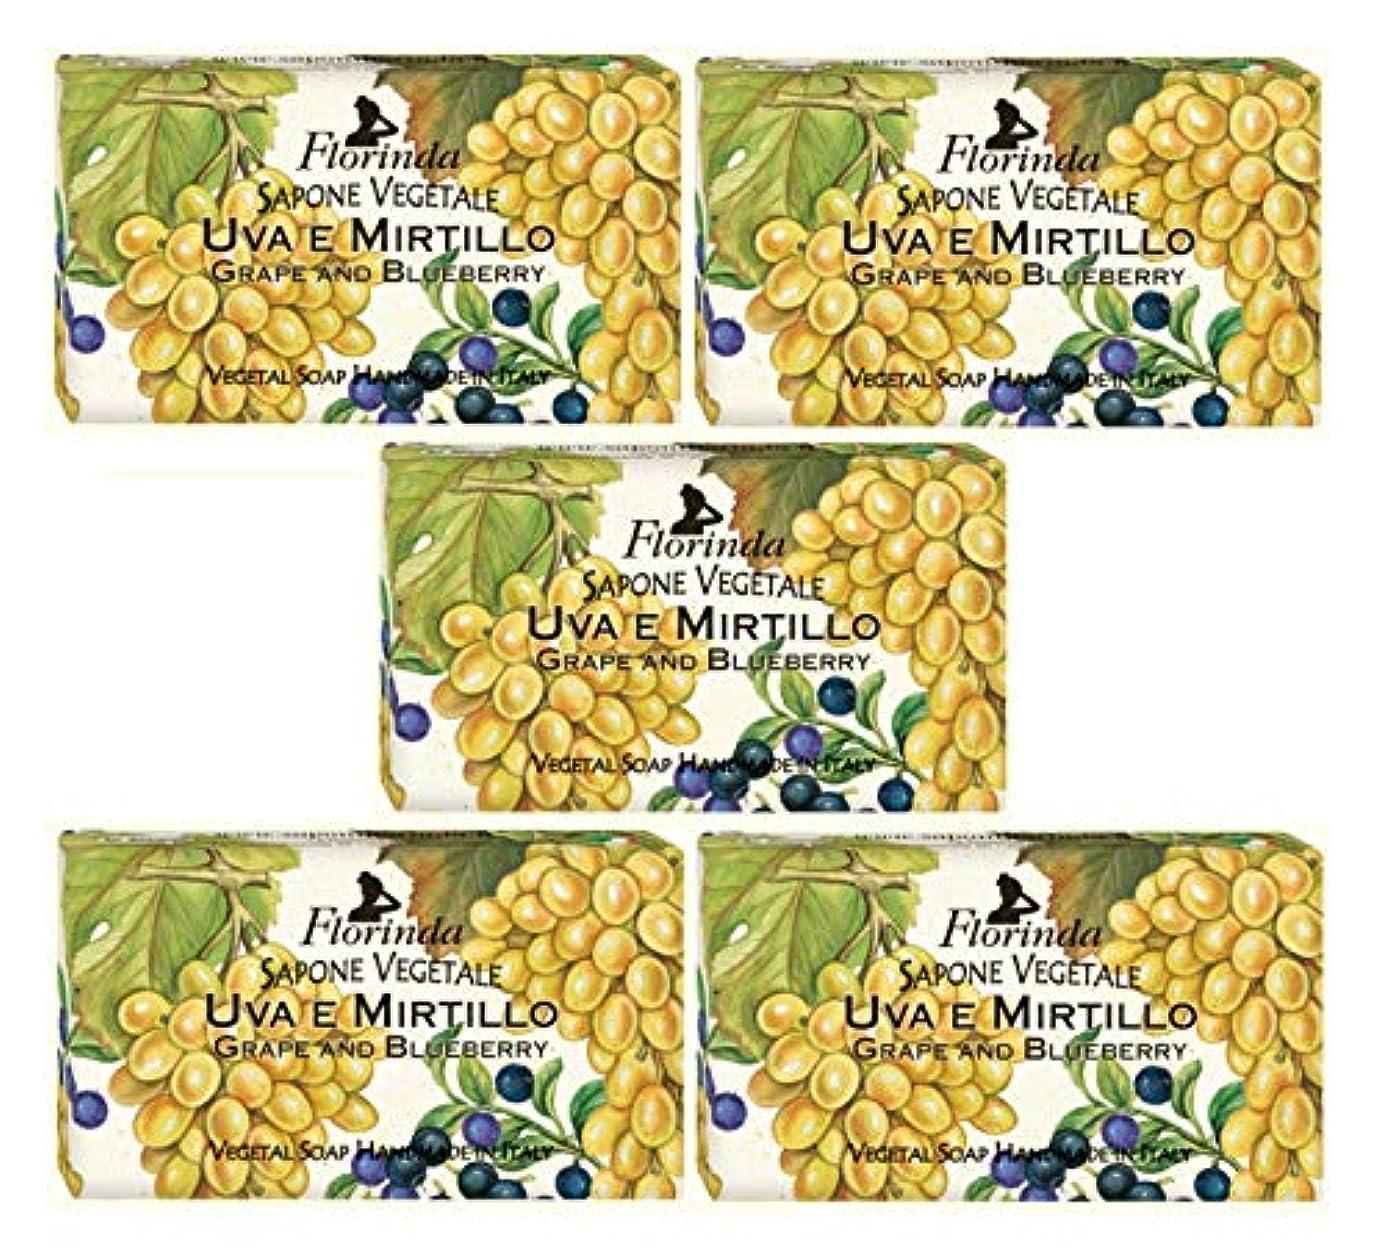 簡略化するお祝い発表するフロリンダ フレグランスソープ 固形石けん フルーツの香り グレープ&ブルーベリー 95g×5個セット